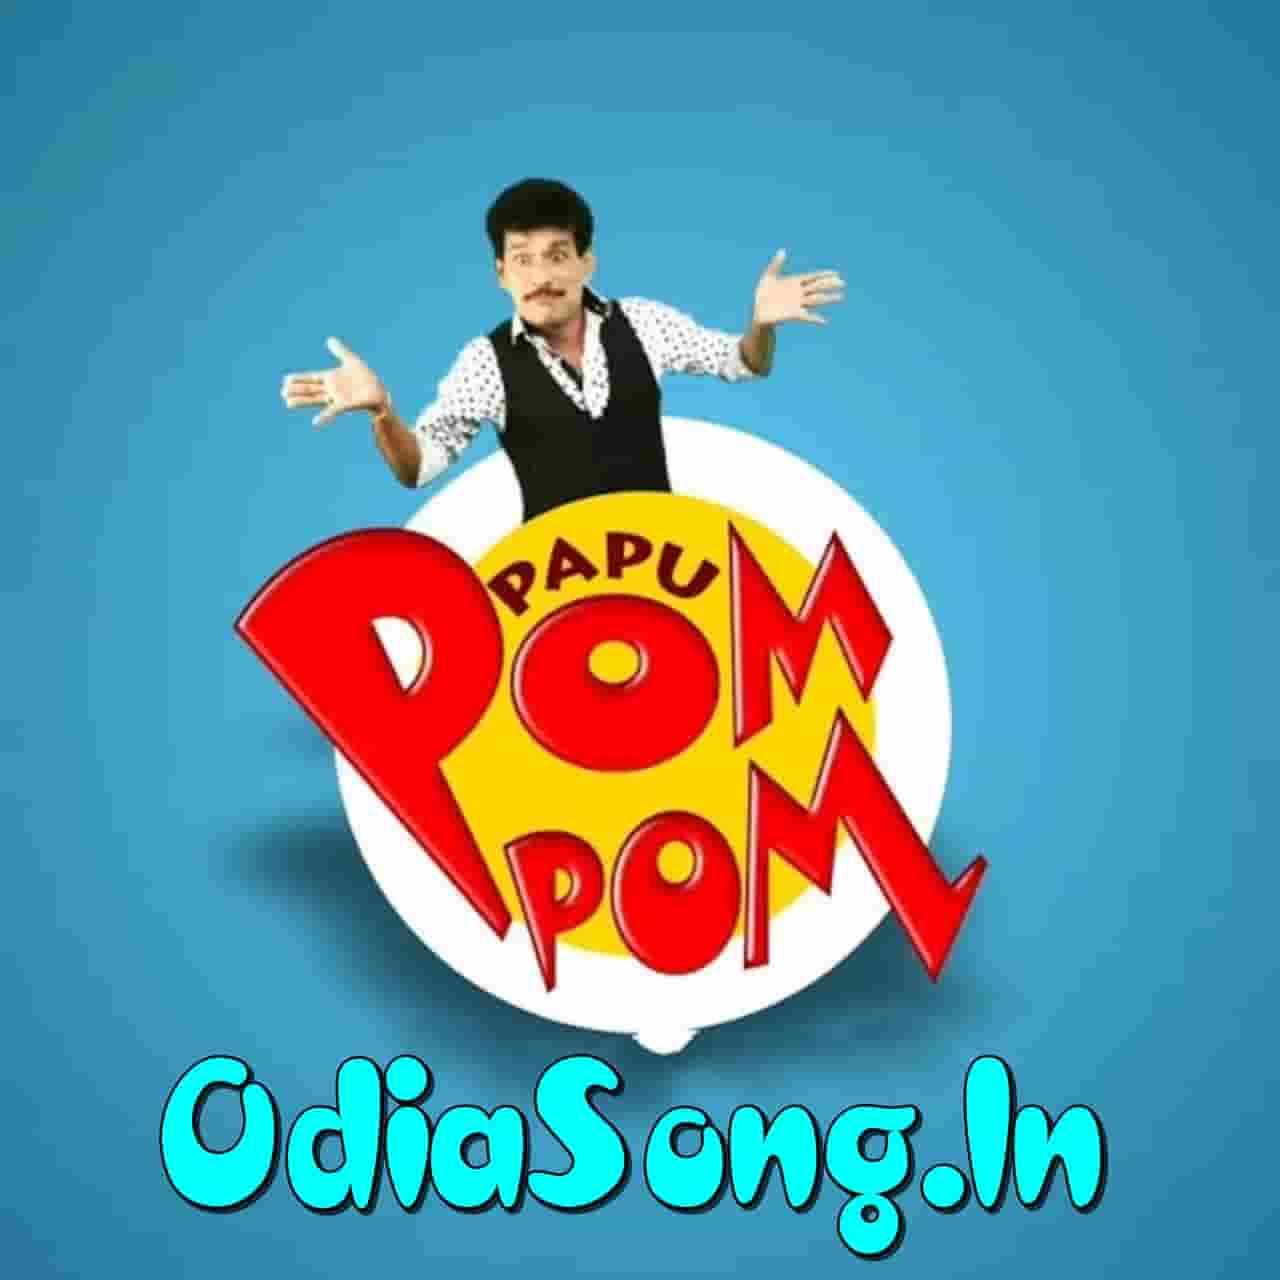 Shubha Sandhya (Papu Pom Pom) Odia Bhajan Song